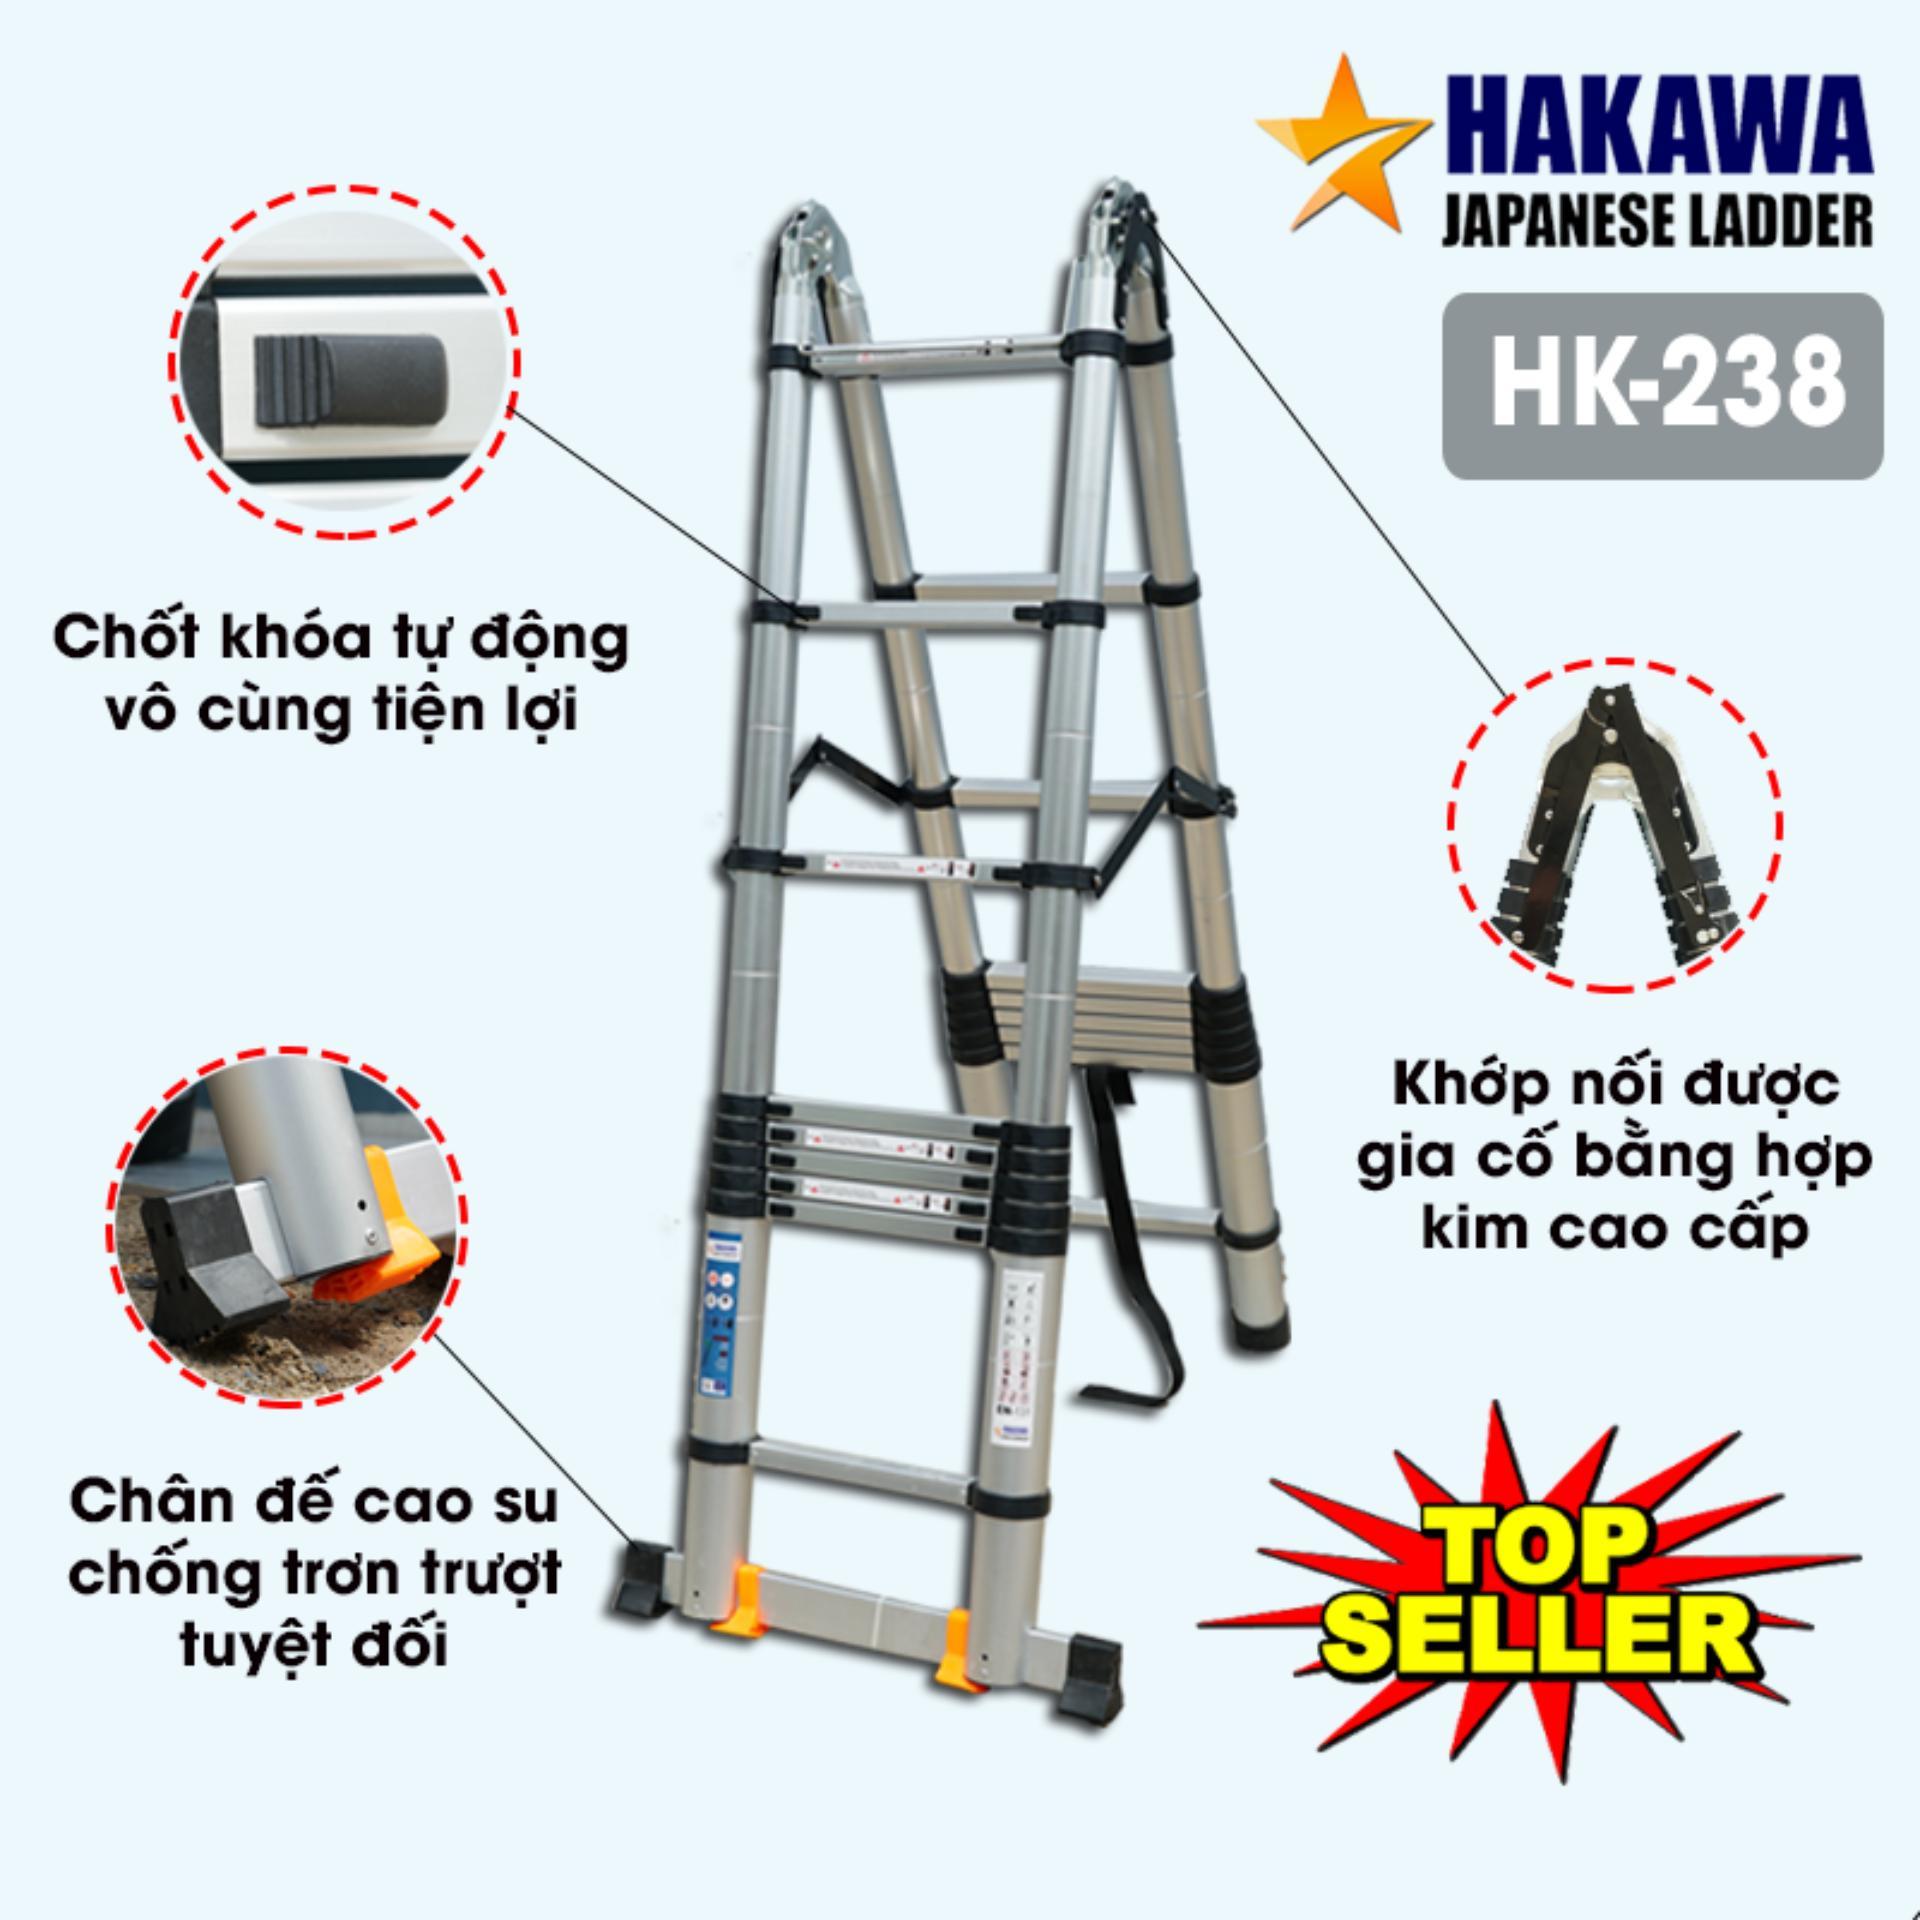 [HÀNG NHẬT CAO CẤP] Thang nhôm rút chữ a HAKAWA HK238 3m8 - Thang nhôm của Nhật Bản , tiện lợi , dễ di chuyển